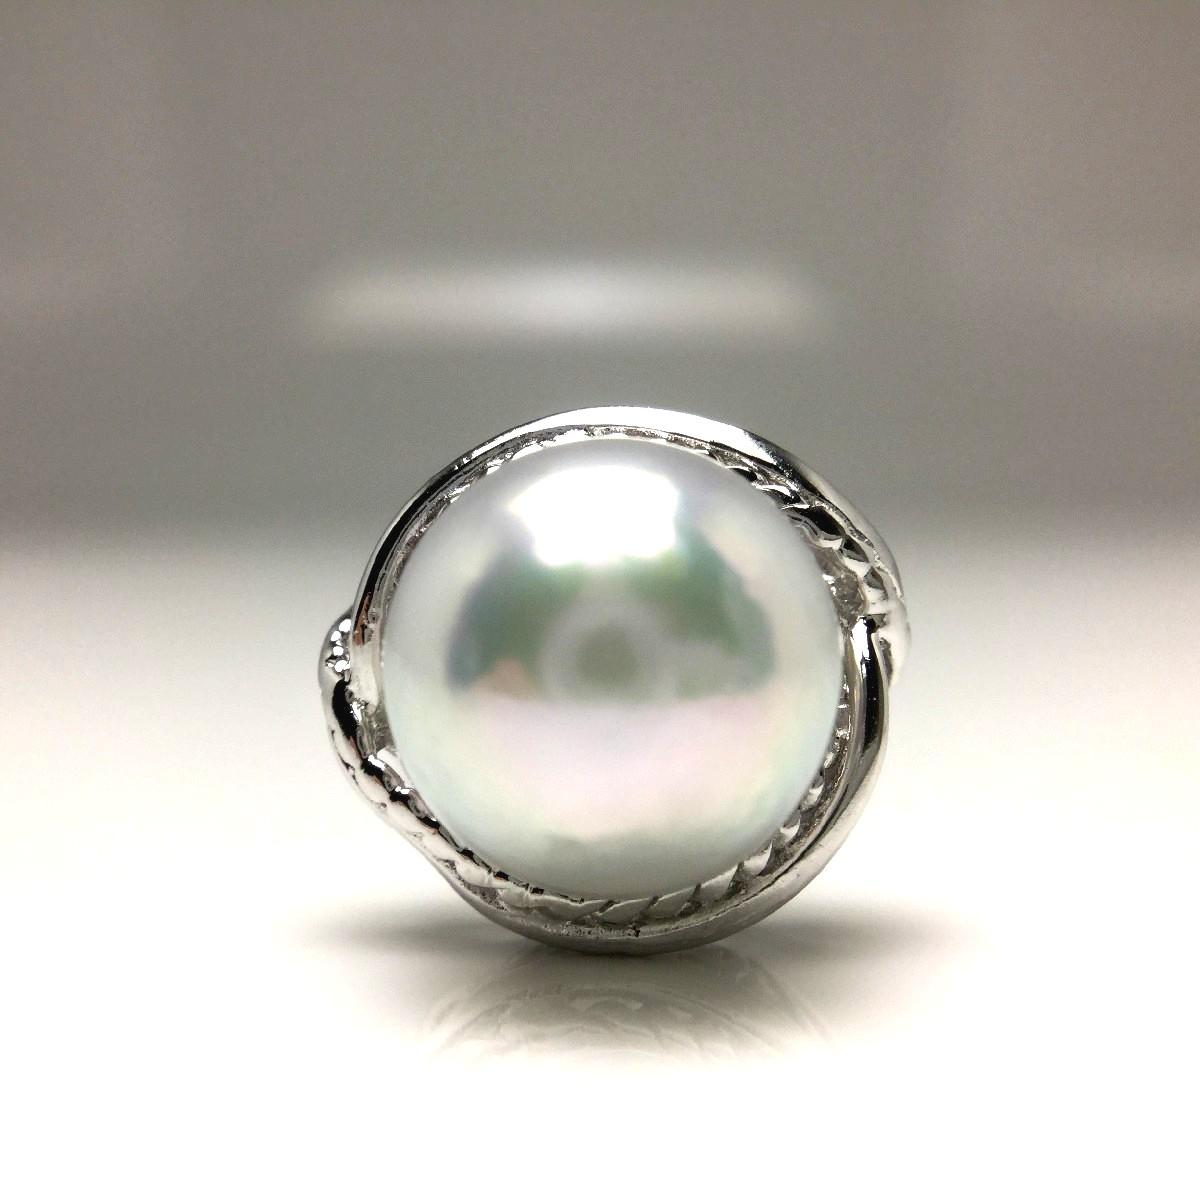 真珠 ネクタイピン パール アコヤ真珠 9.36mm ホワイトシルバーブルー(ナチュラル) シルバー 65835 イソワパール